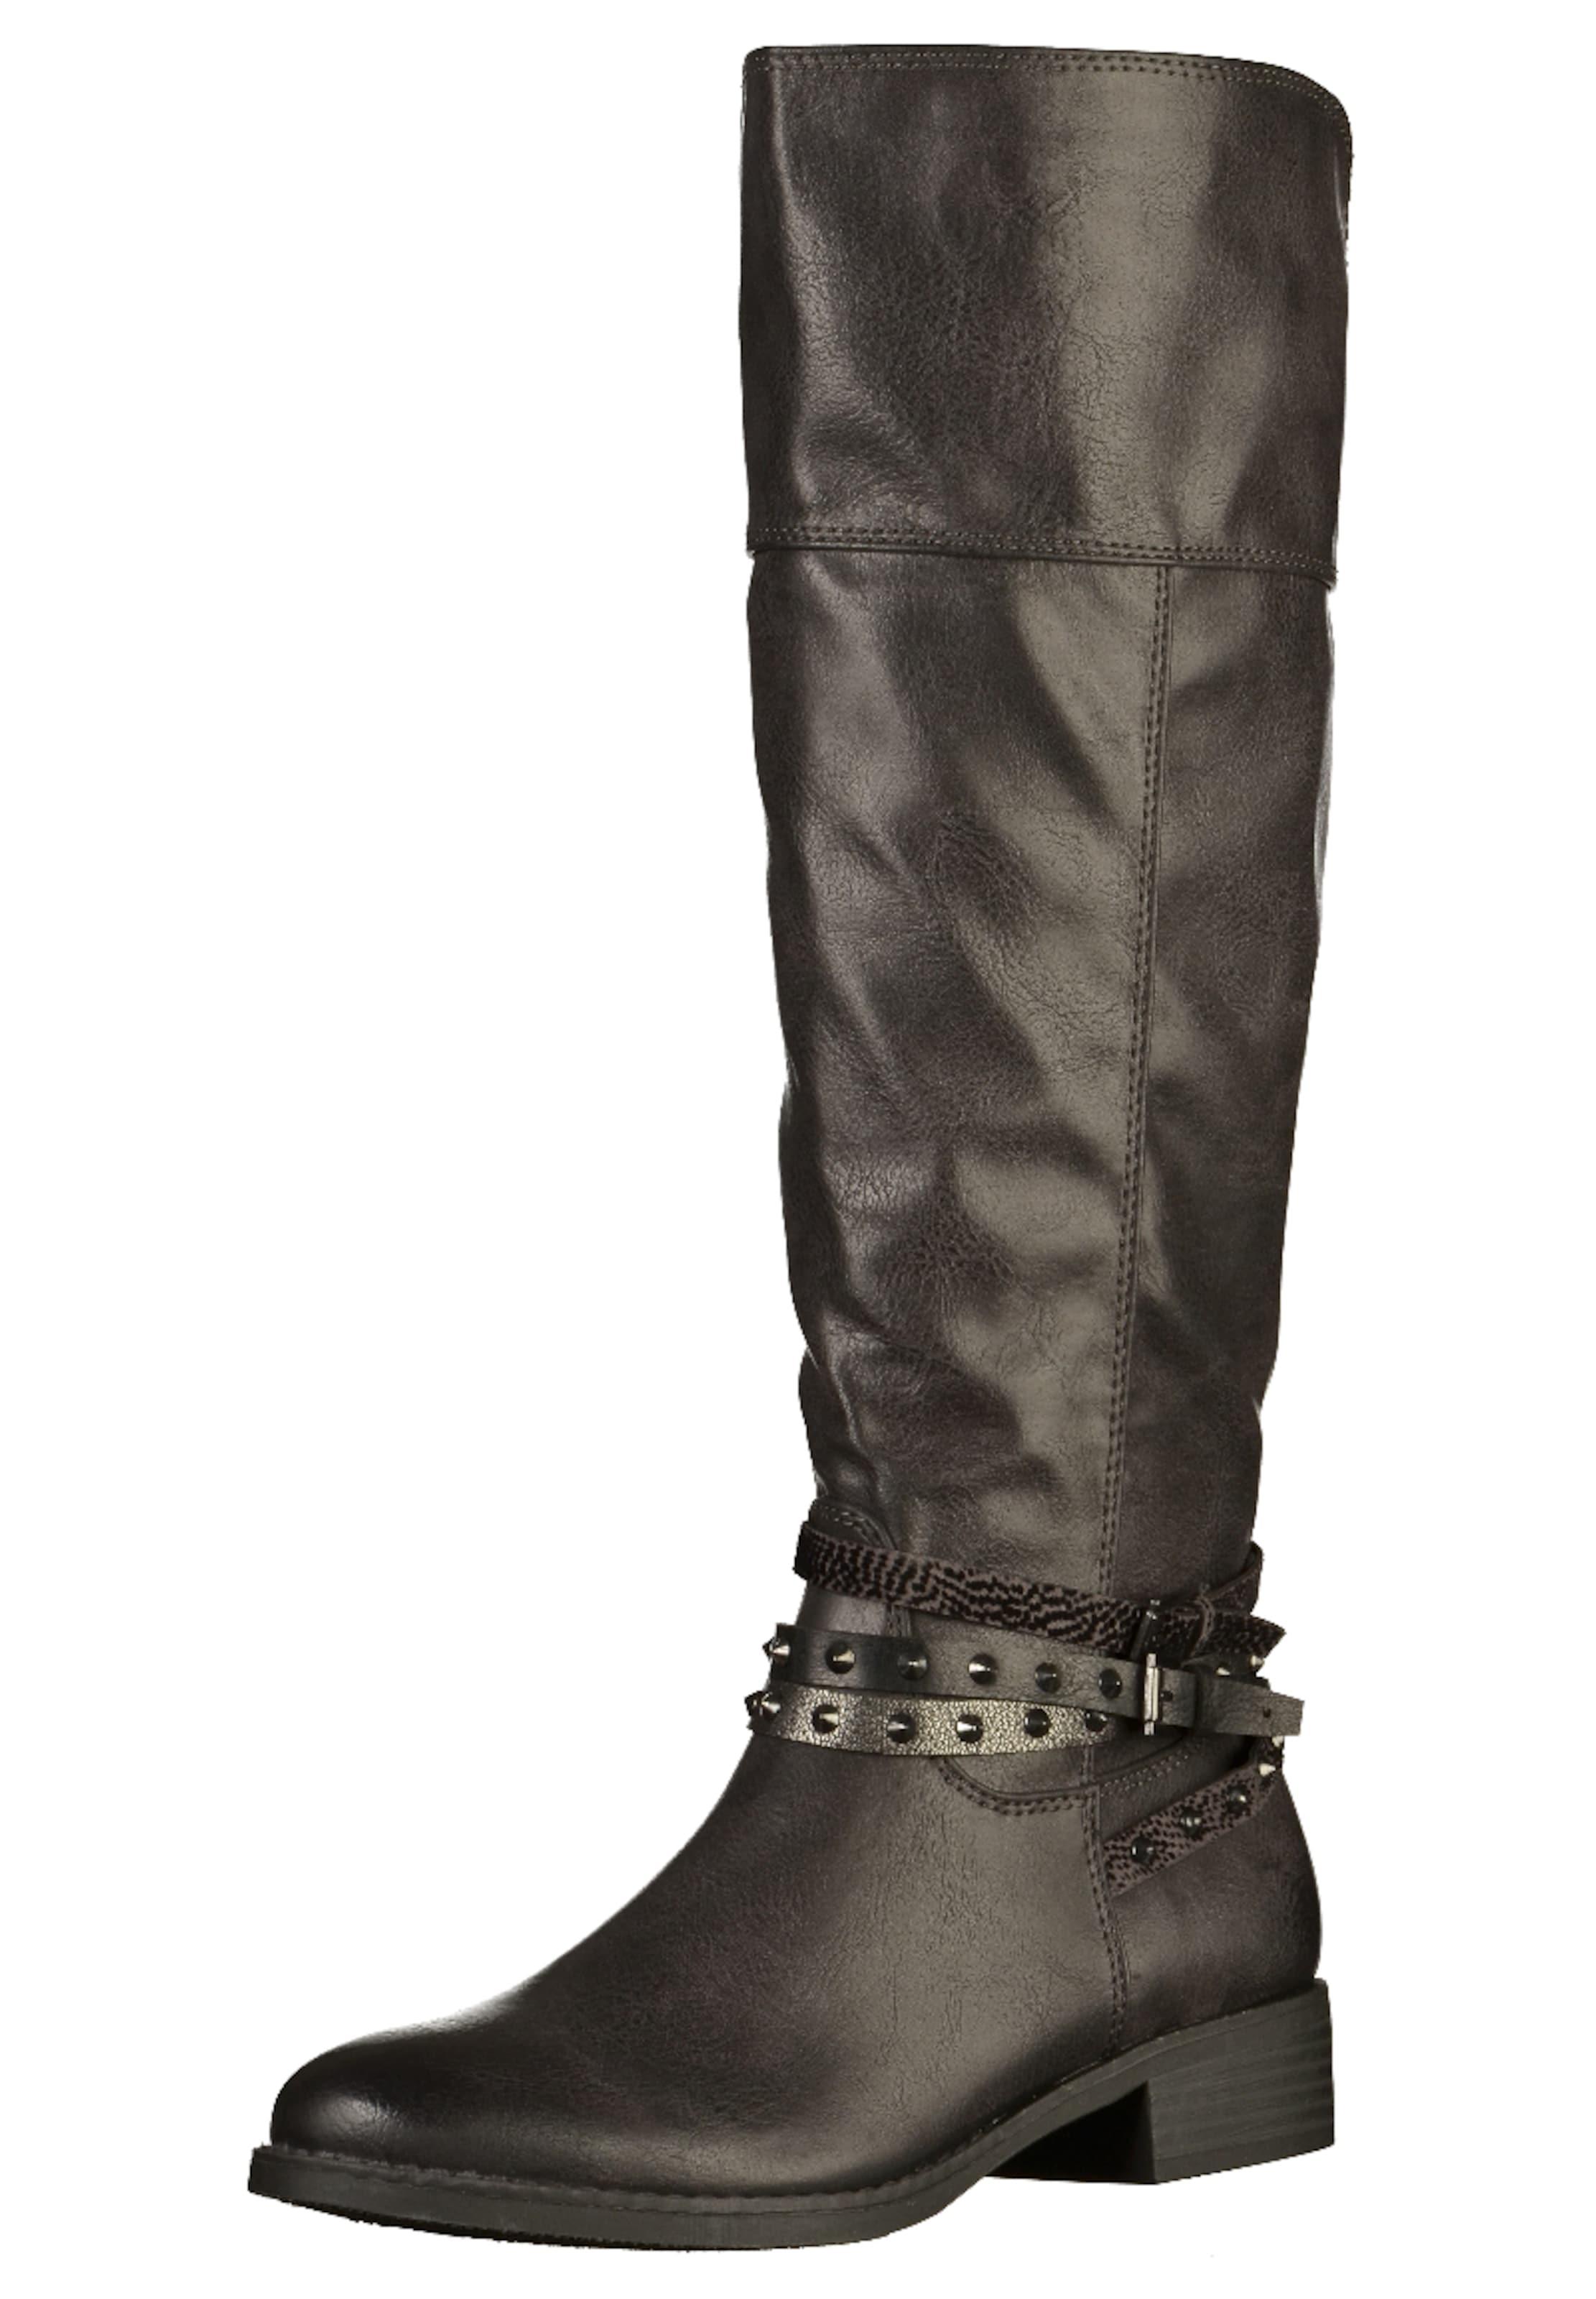 MARCO TOZZI Stiefel Verschleißfeste billige Schuhe